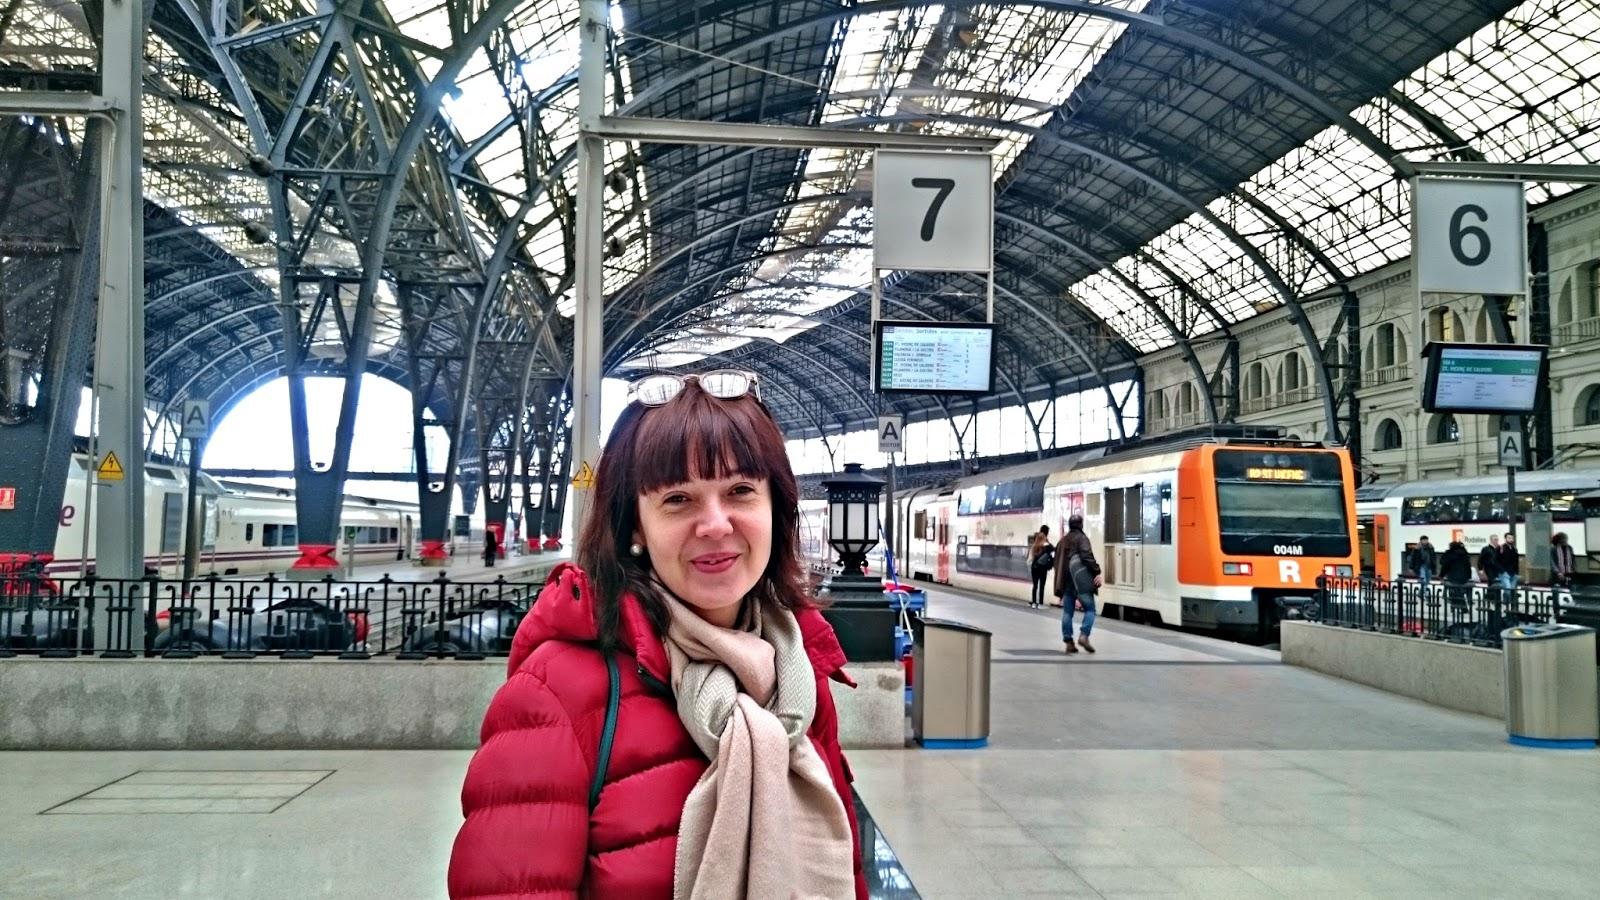 Lumen estaci n de francia barcelona for Precio tren nocturno barcelona paris